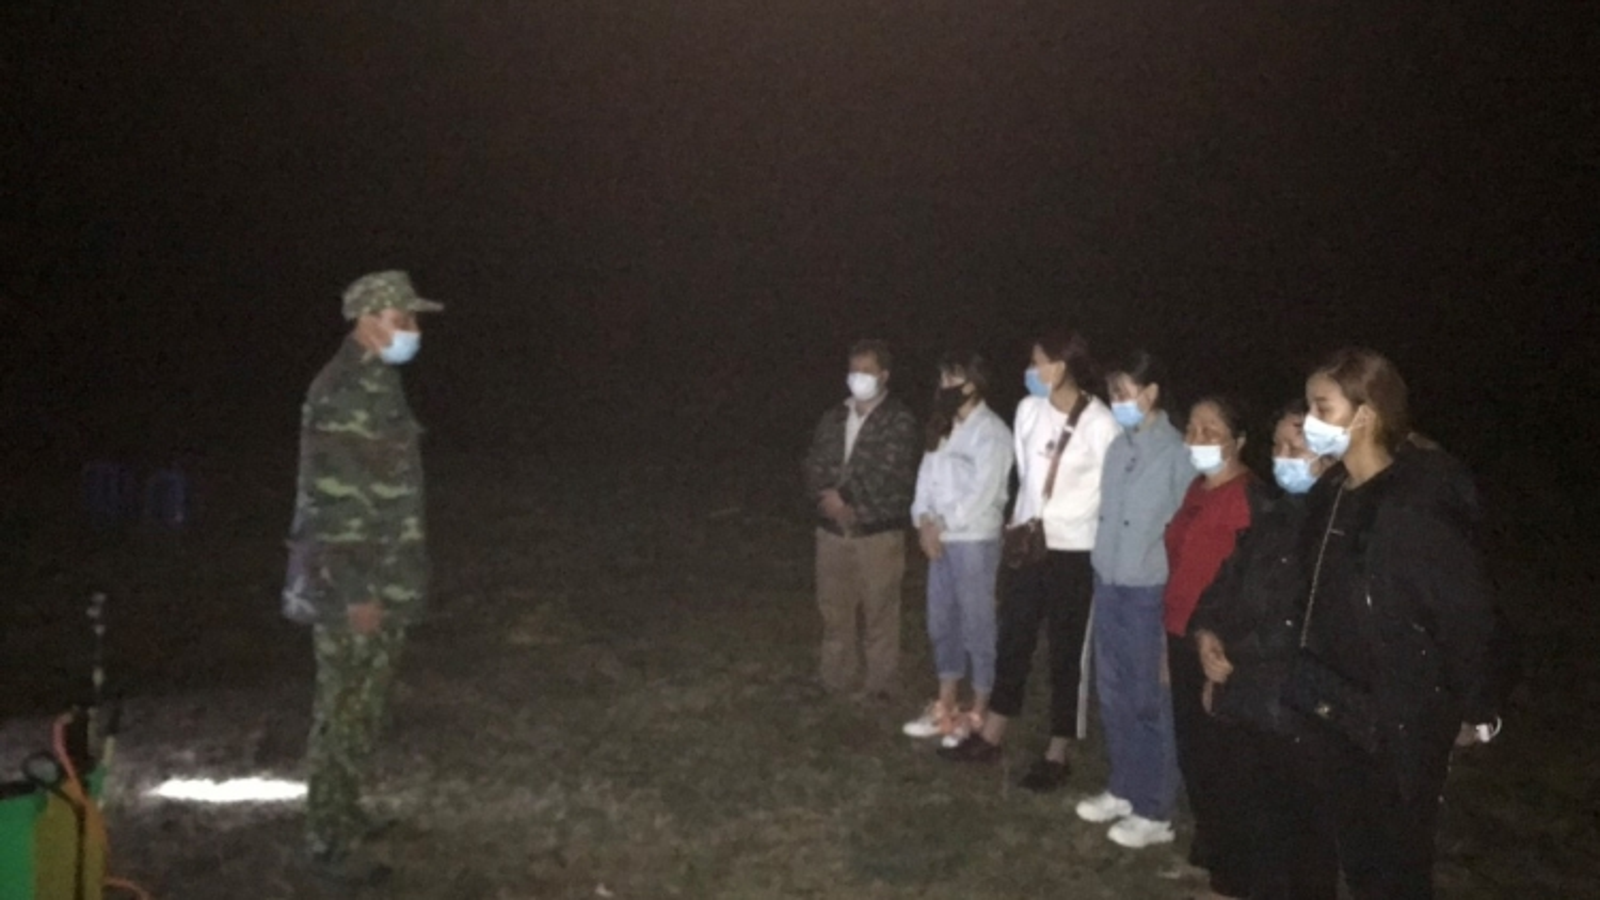 Phát hiện nhiều công dân vượt biên trái phép tại Cao Bằng